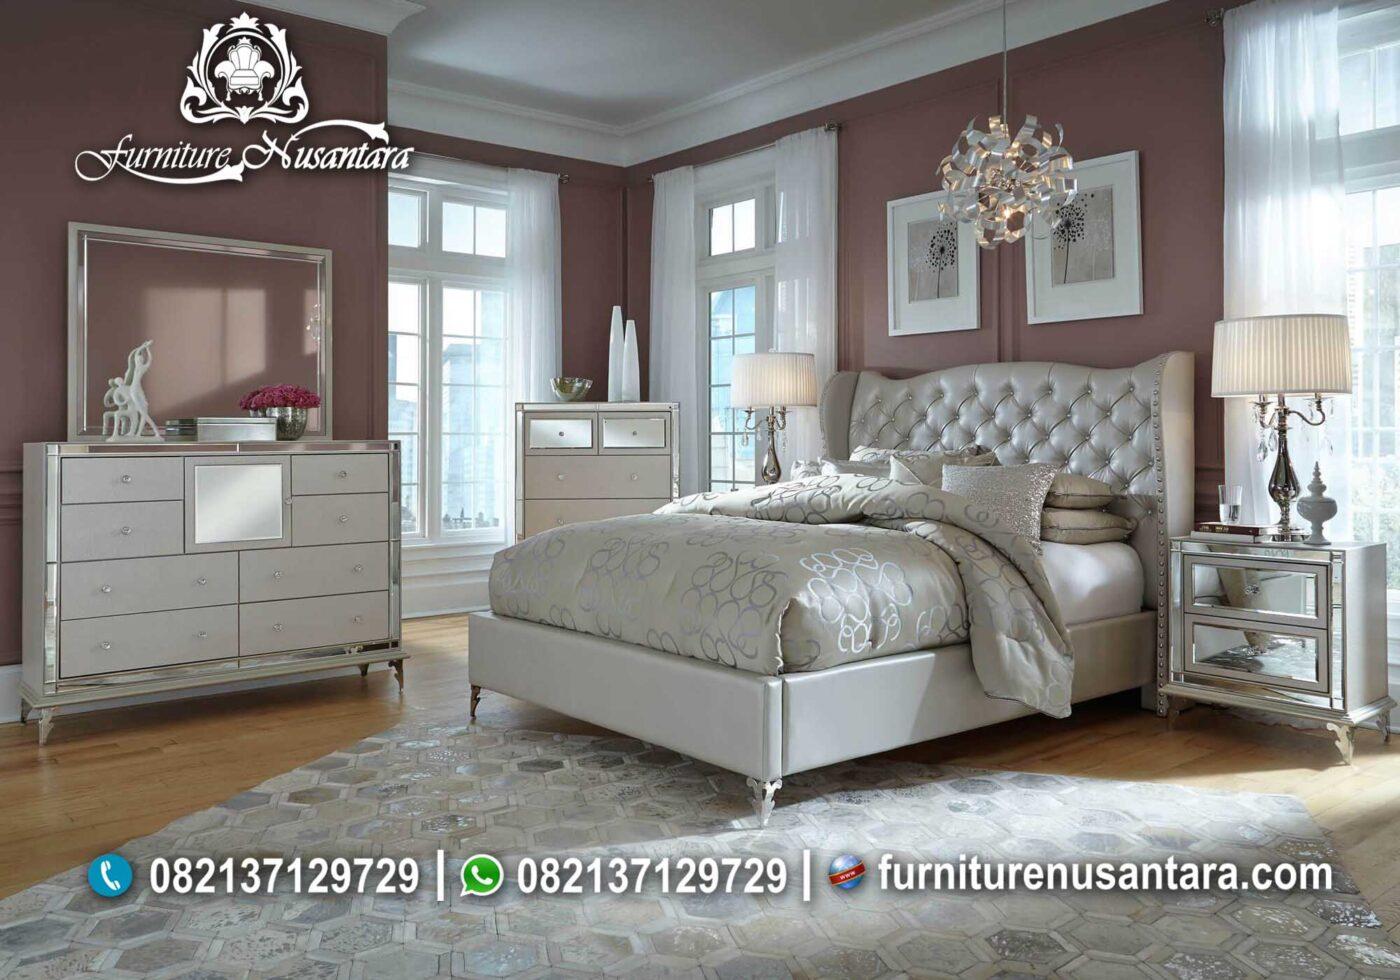 Kamar Tidur Luxury Minimalis KS-33, Furniture Nusantara